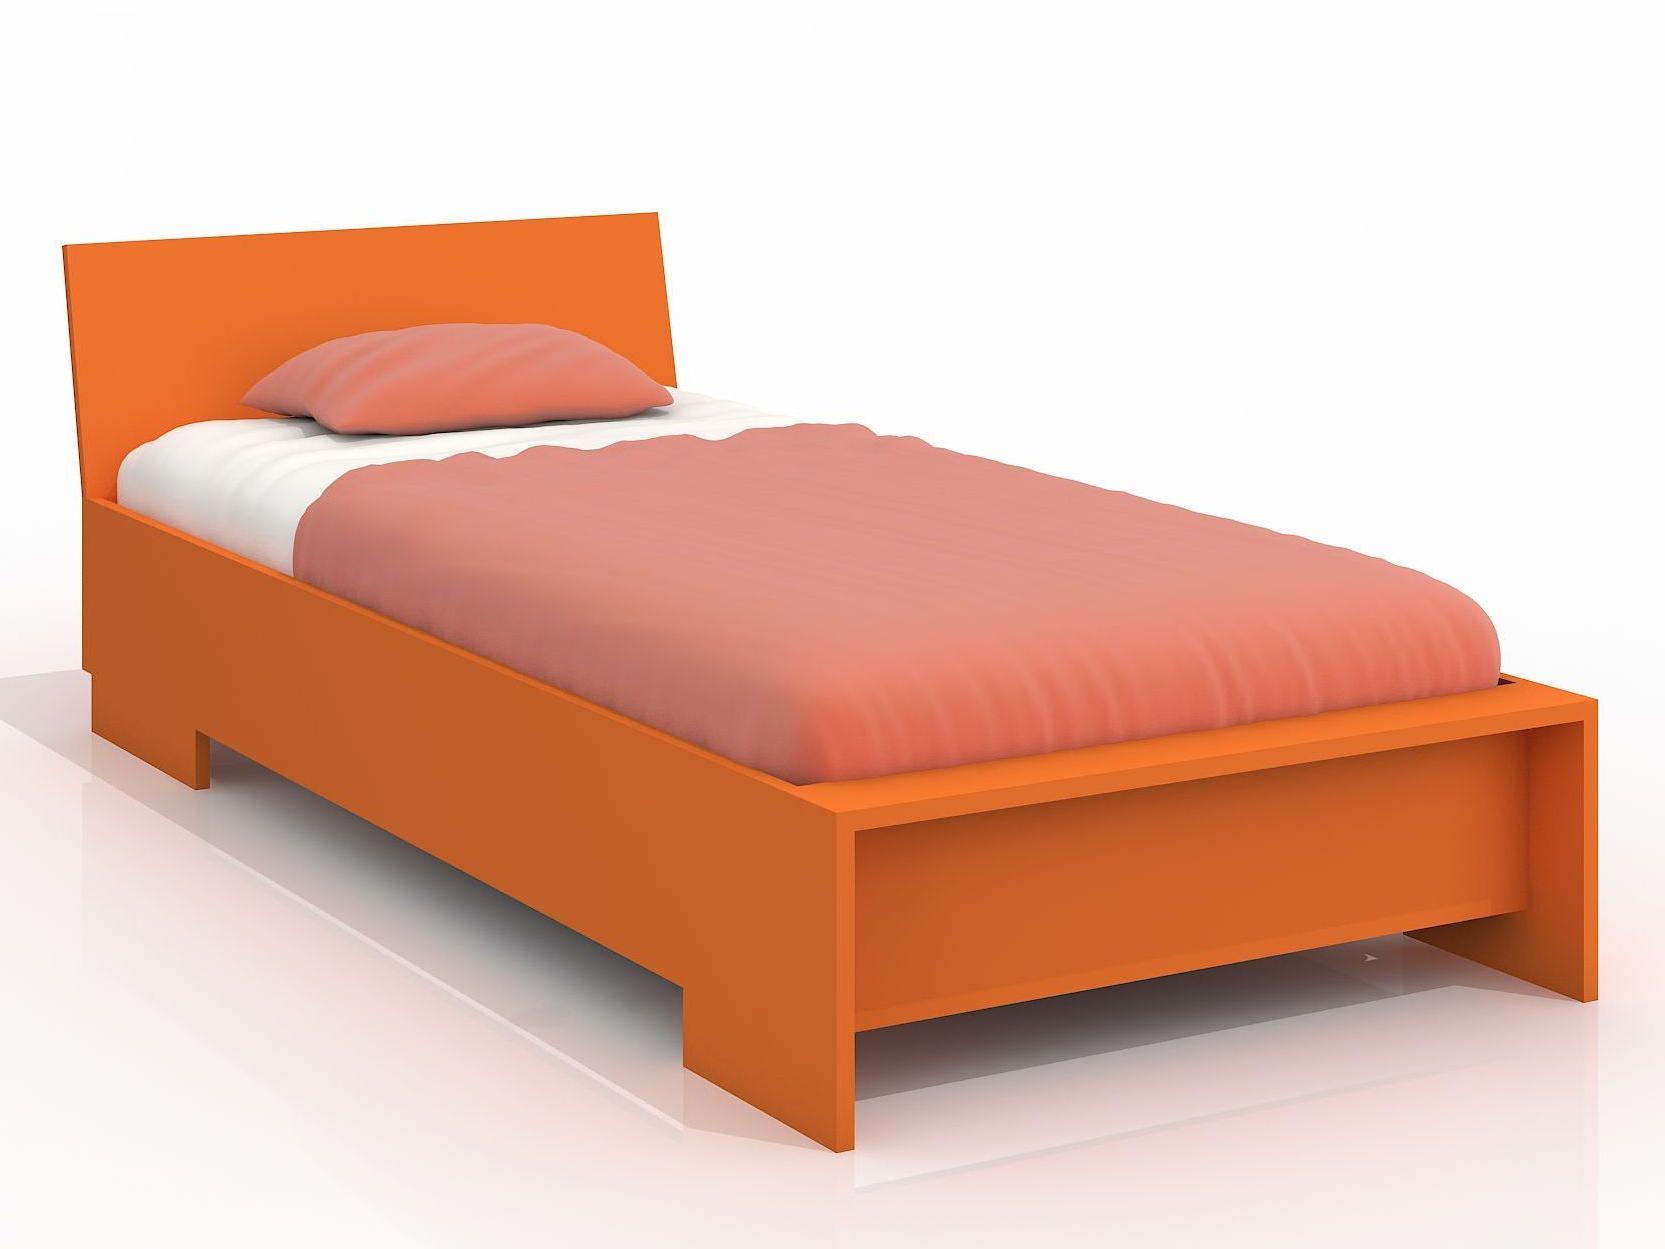 Jednolůžková postel 90 cm - Naturlig Kids - Lekanger High (borovice) (s roštem)